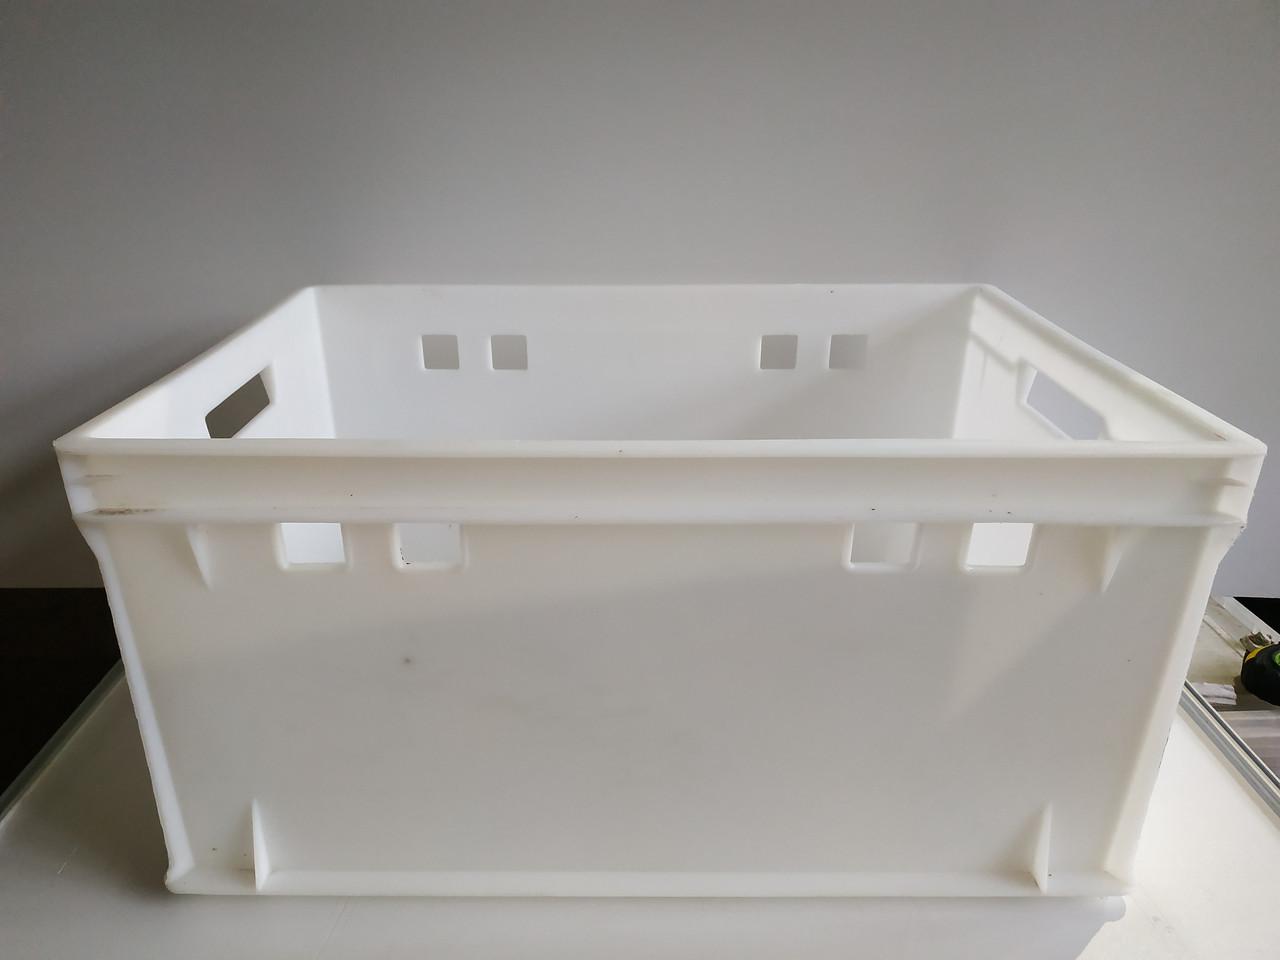 Пластиковый контейнер для продуктов Полимерцентр 600х400х300мм б/у